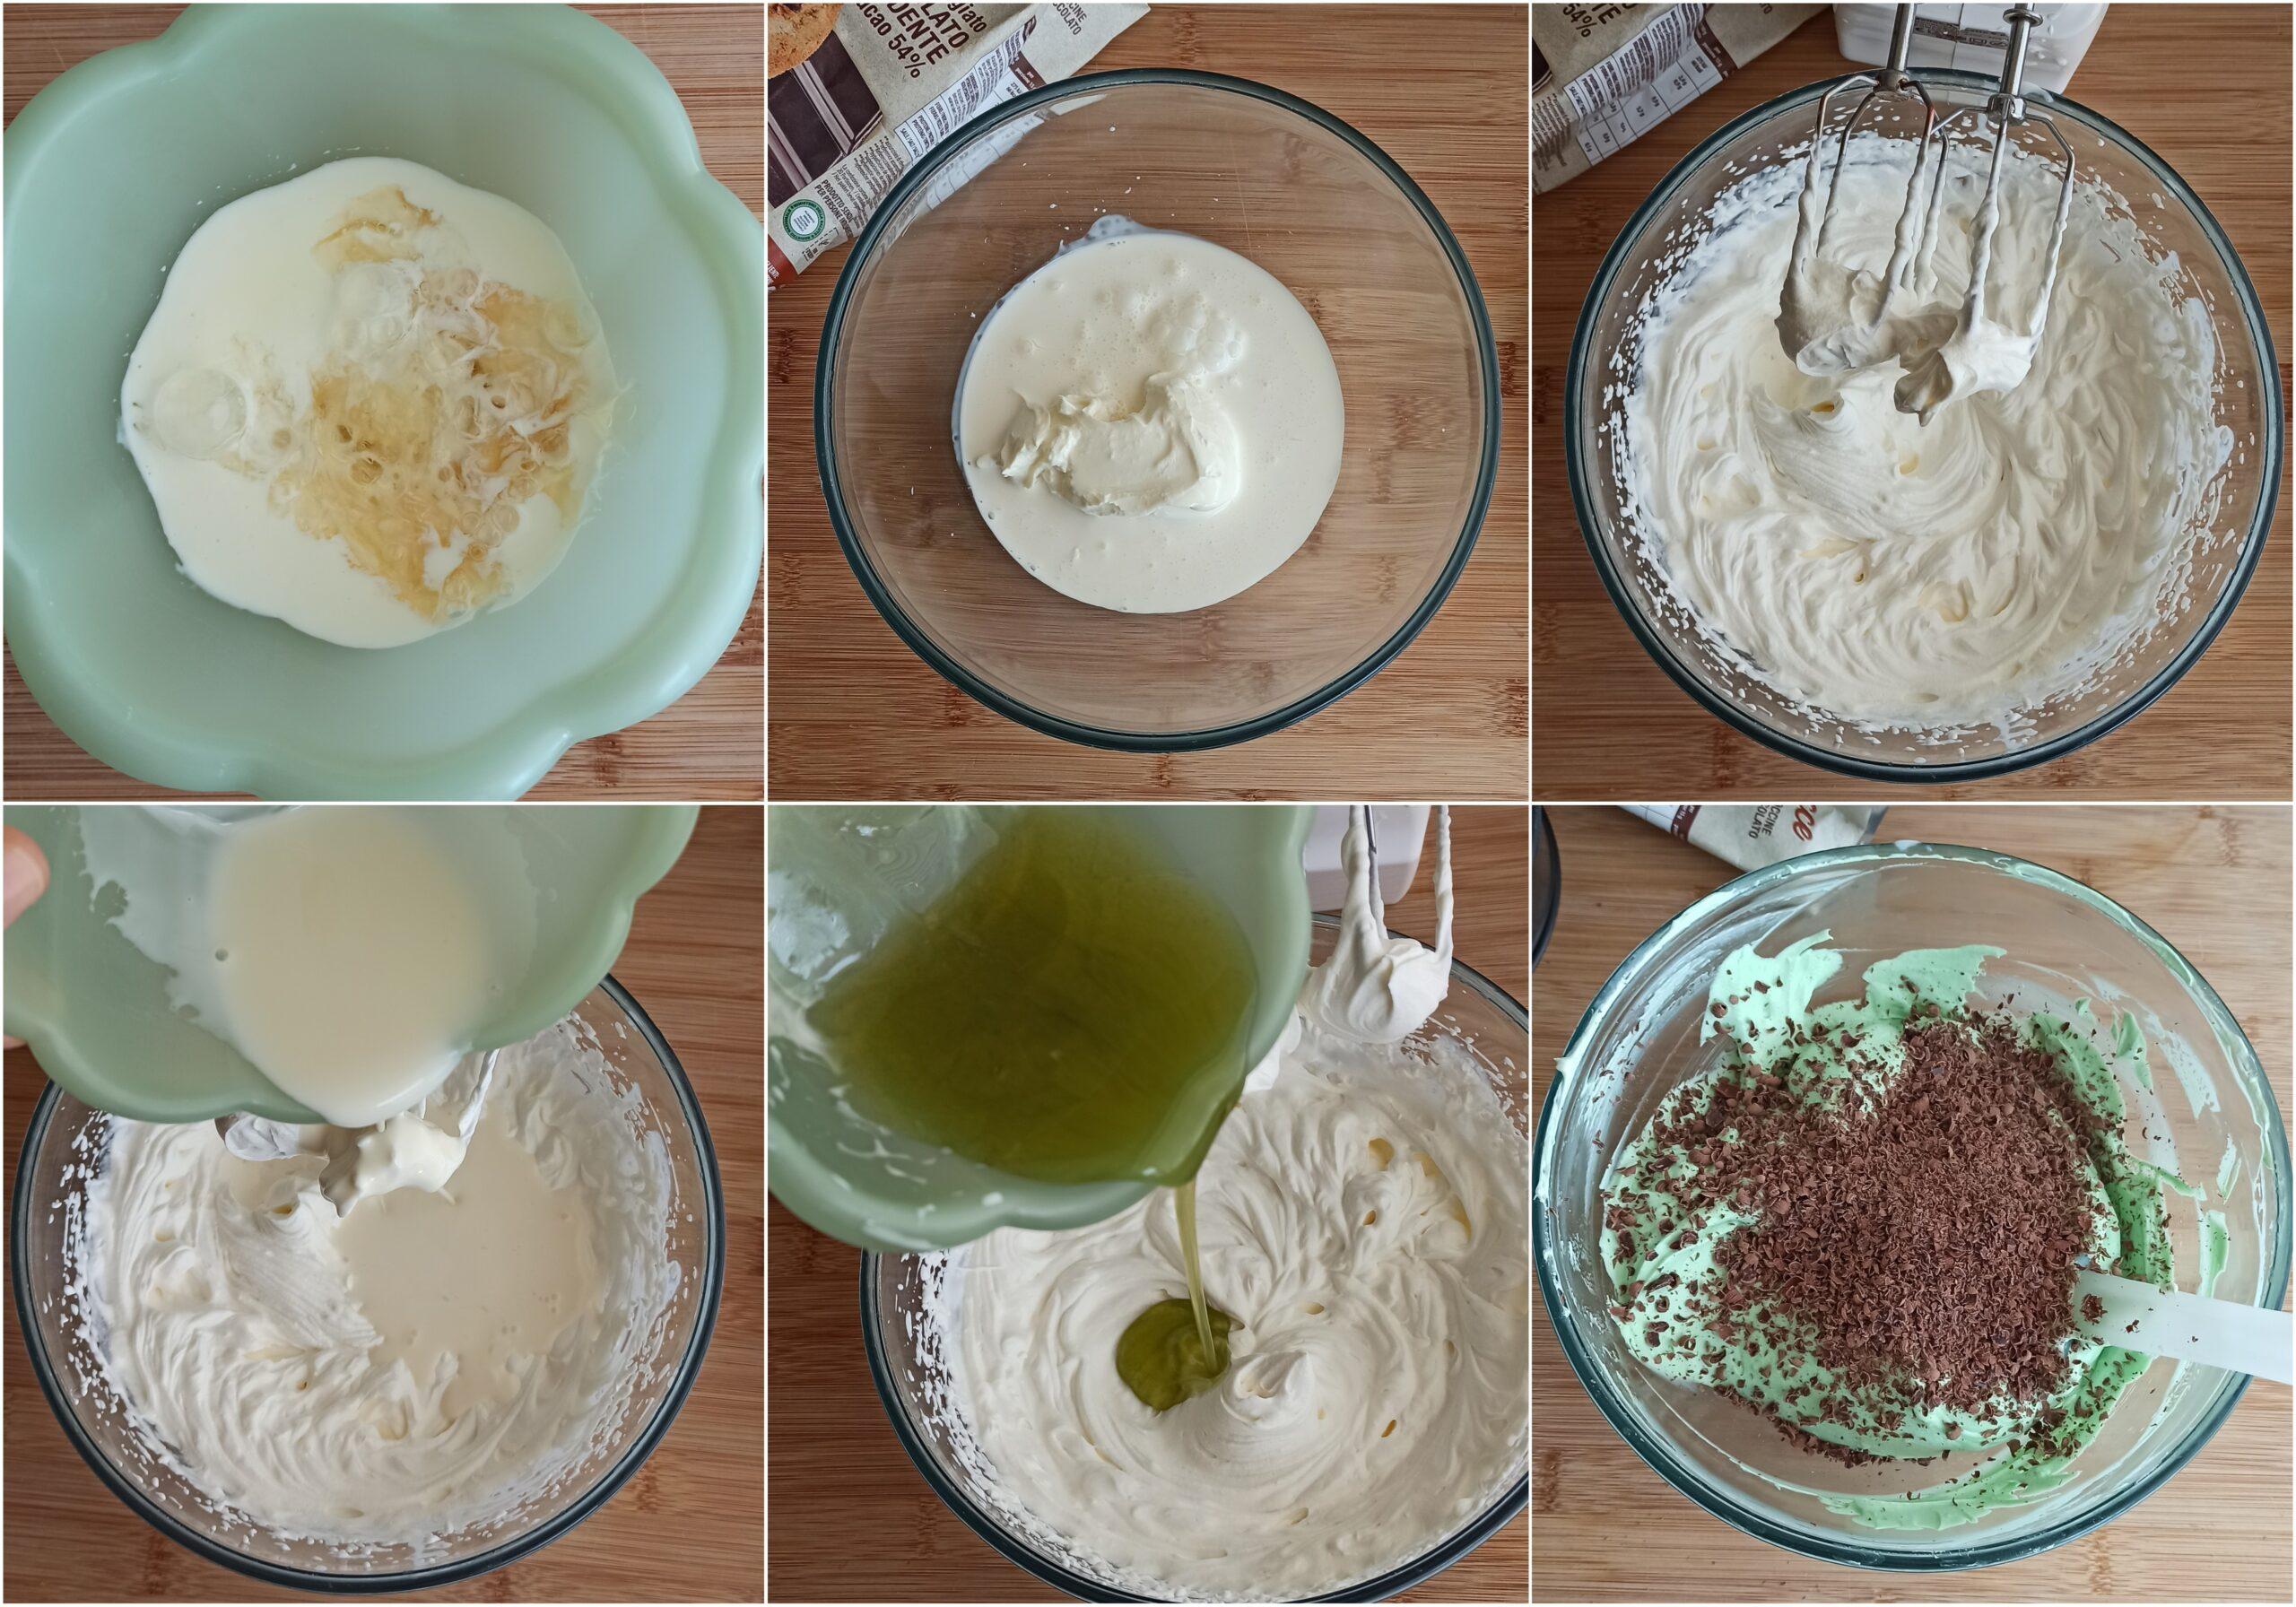 Cheesecake cioccolato e menta senza glutine - La Cassata Celiaca